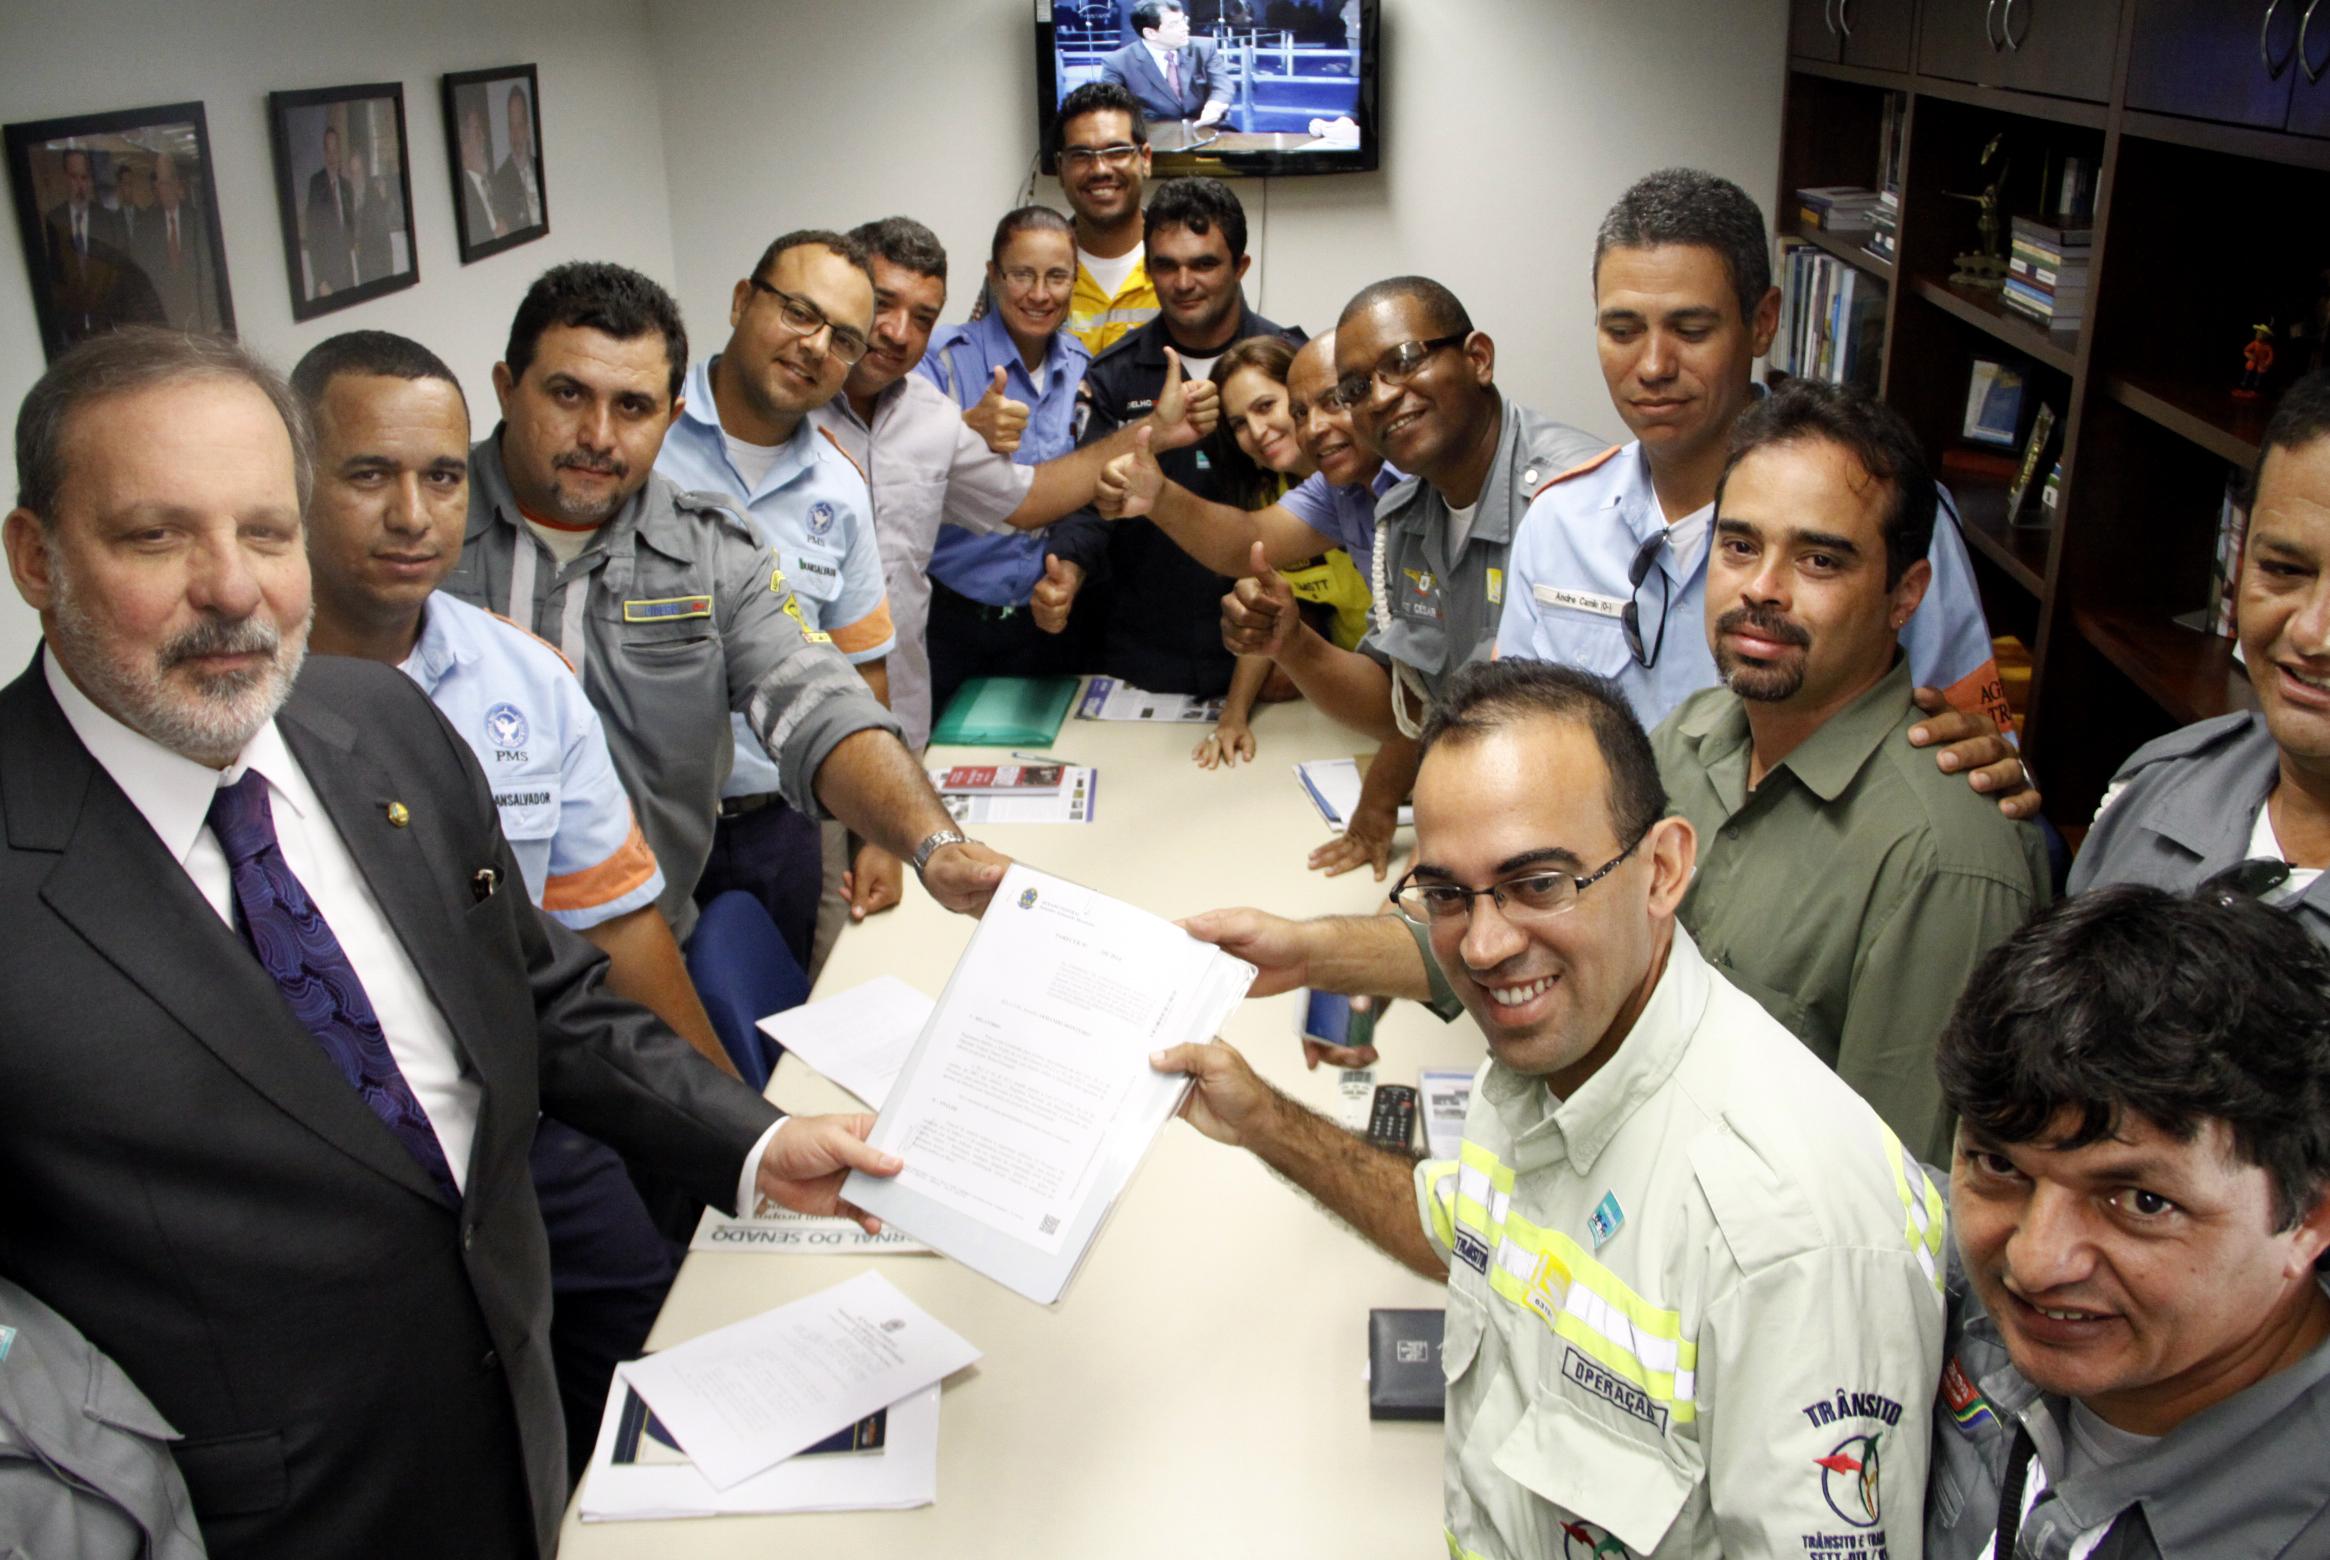 Armando entrega projeto ao presidente do Sindicato dos Agentes de Trânsito de Pernambuco, Jair Fidélis, ao lado de guardas municipais.